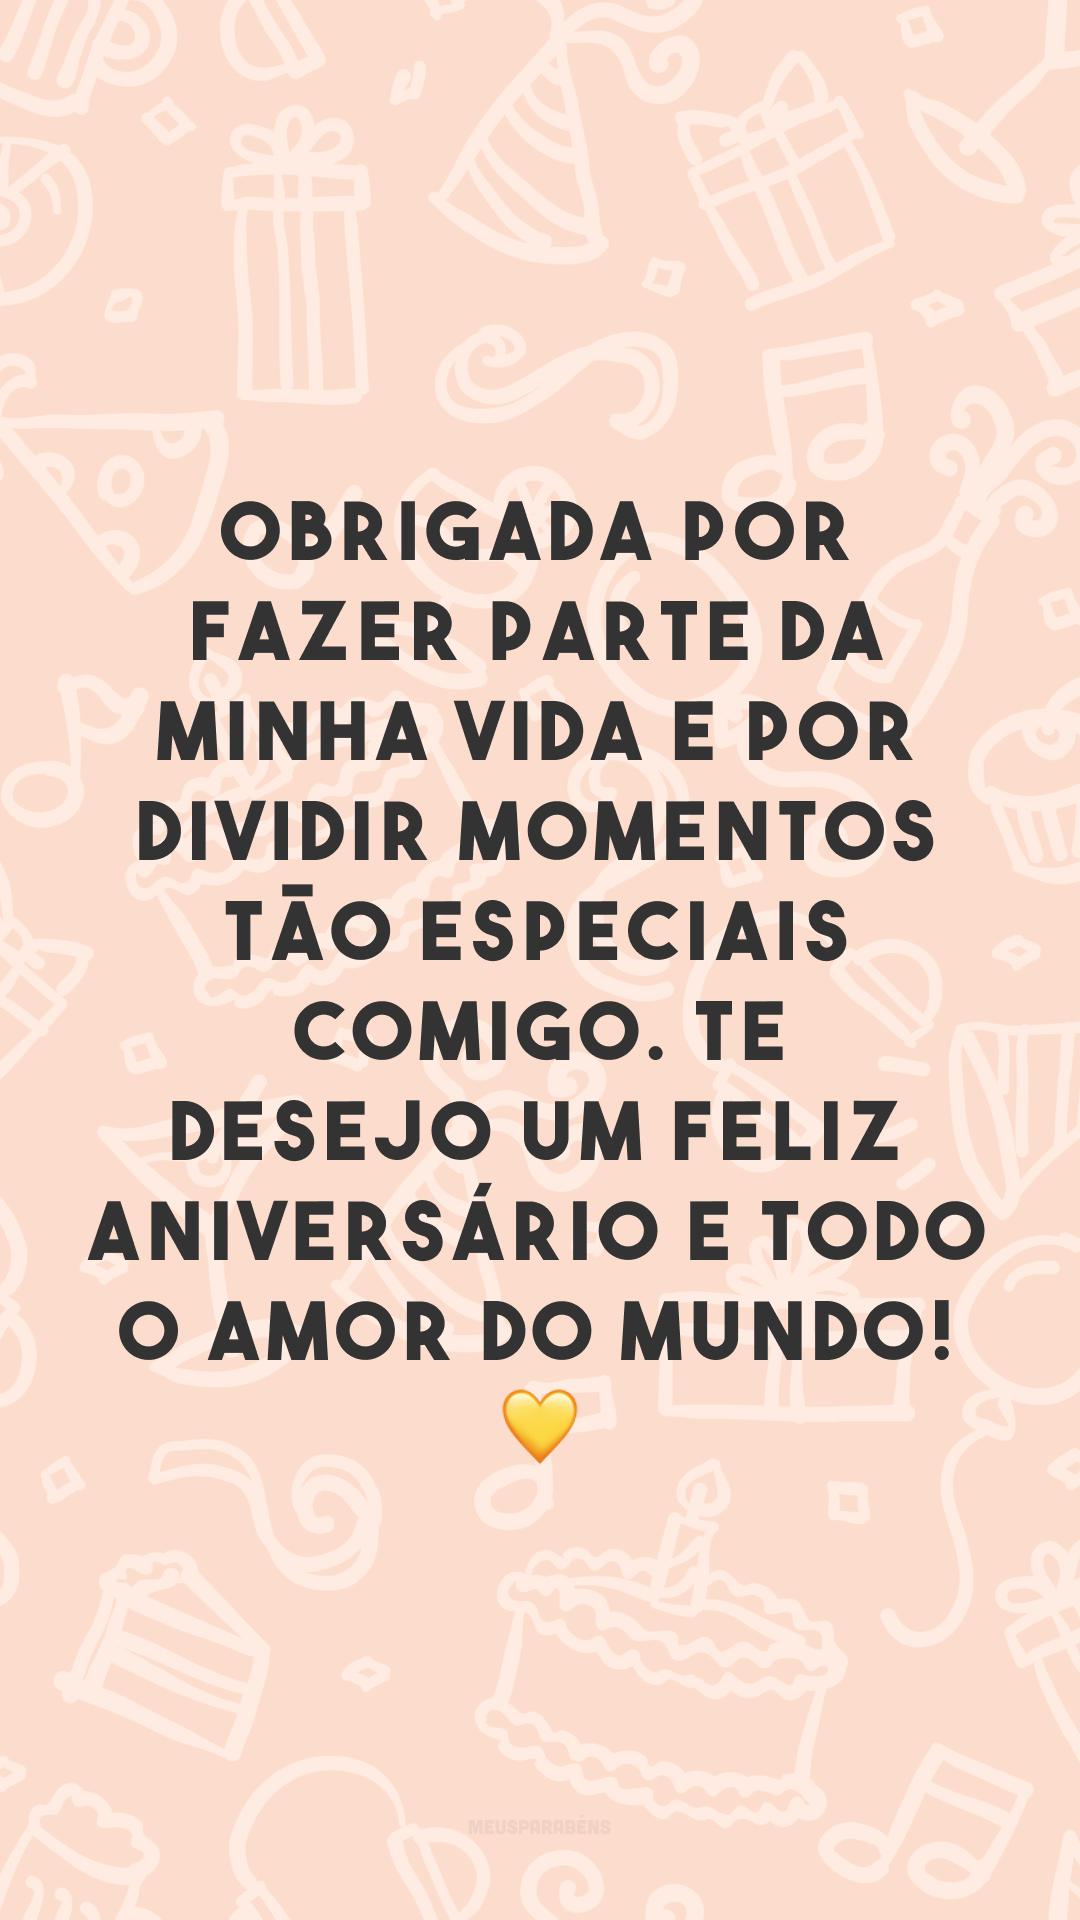 Obrigada por fazer parte da minha vida e por dividir momentos tão especiais comigo. Te desejo um feliz aniversário e todo o amor do mundo! 💛